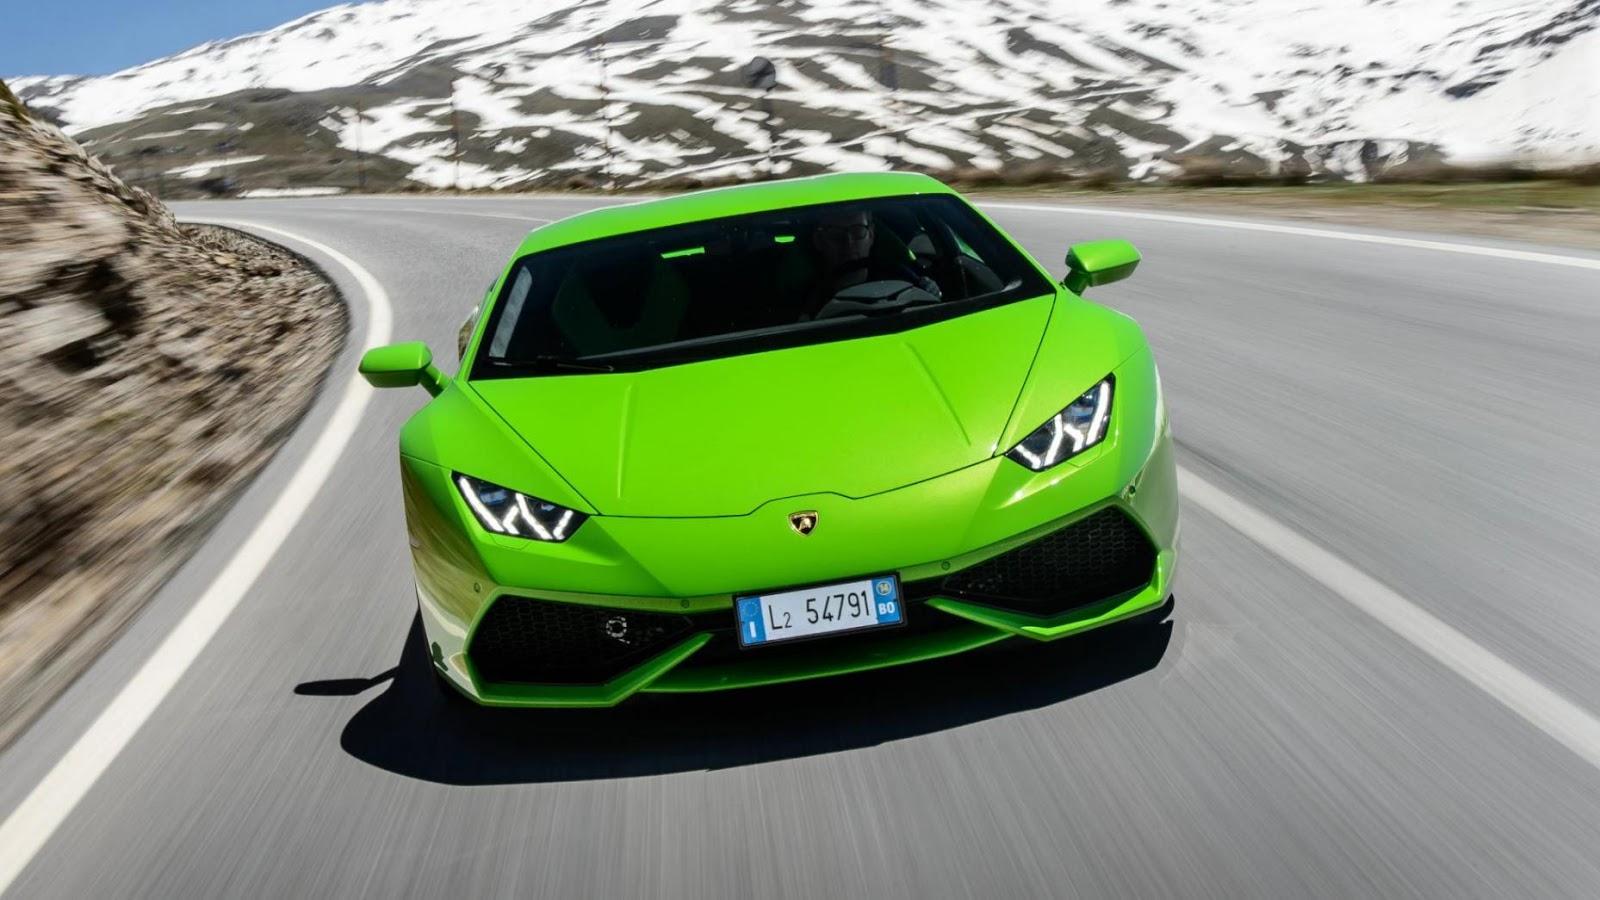 Lamborghini Huracan - 3,2 giây